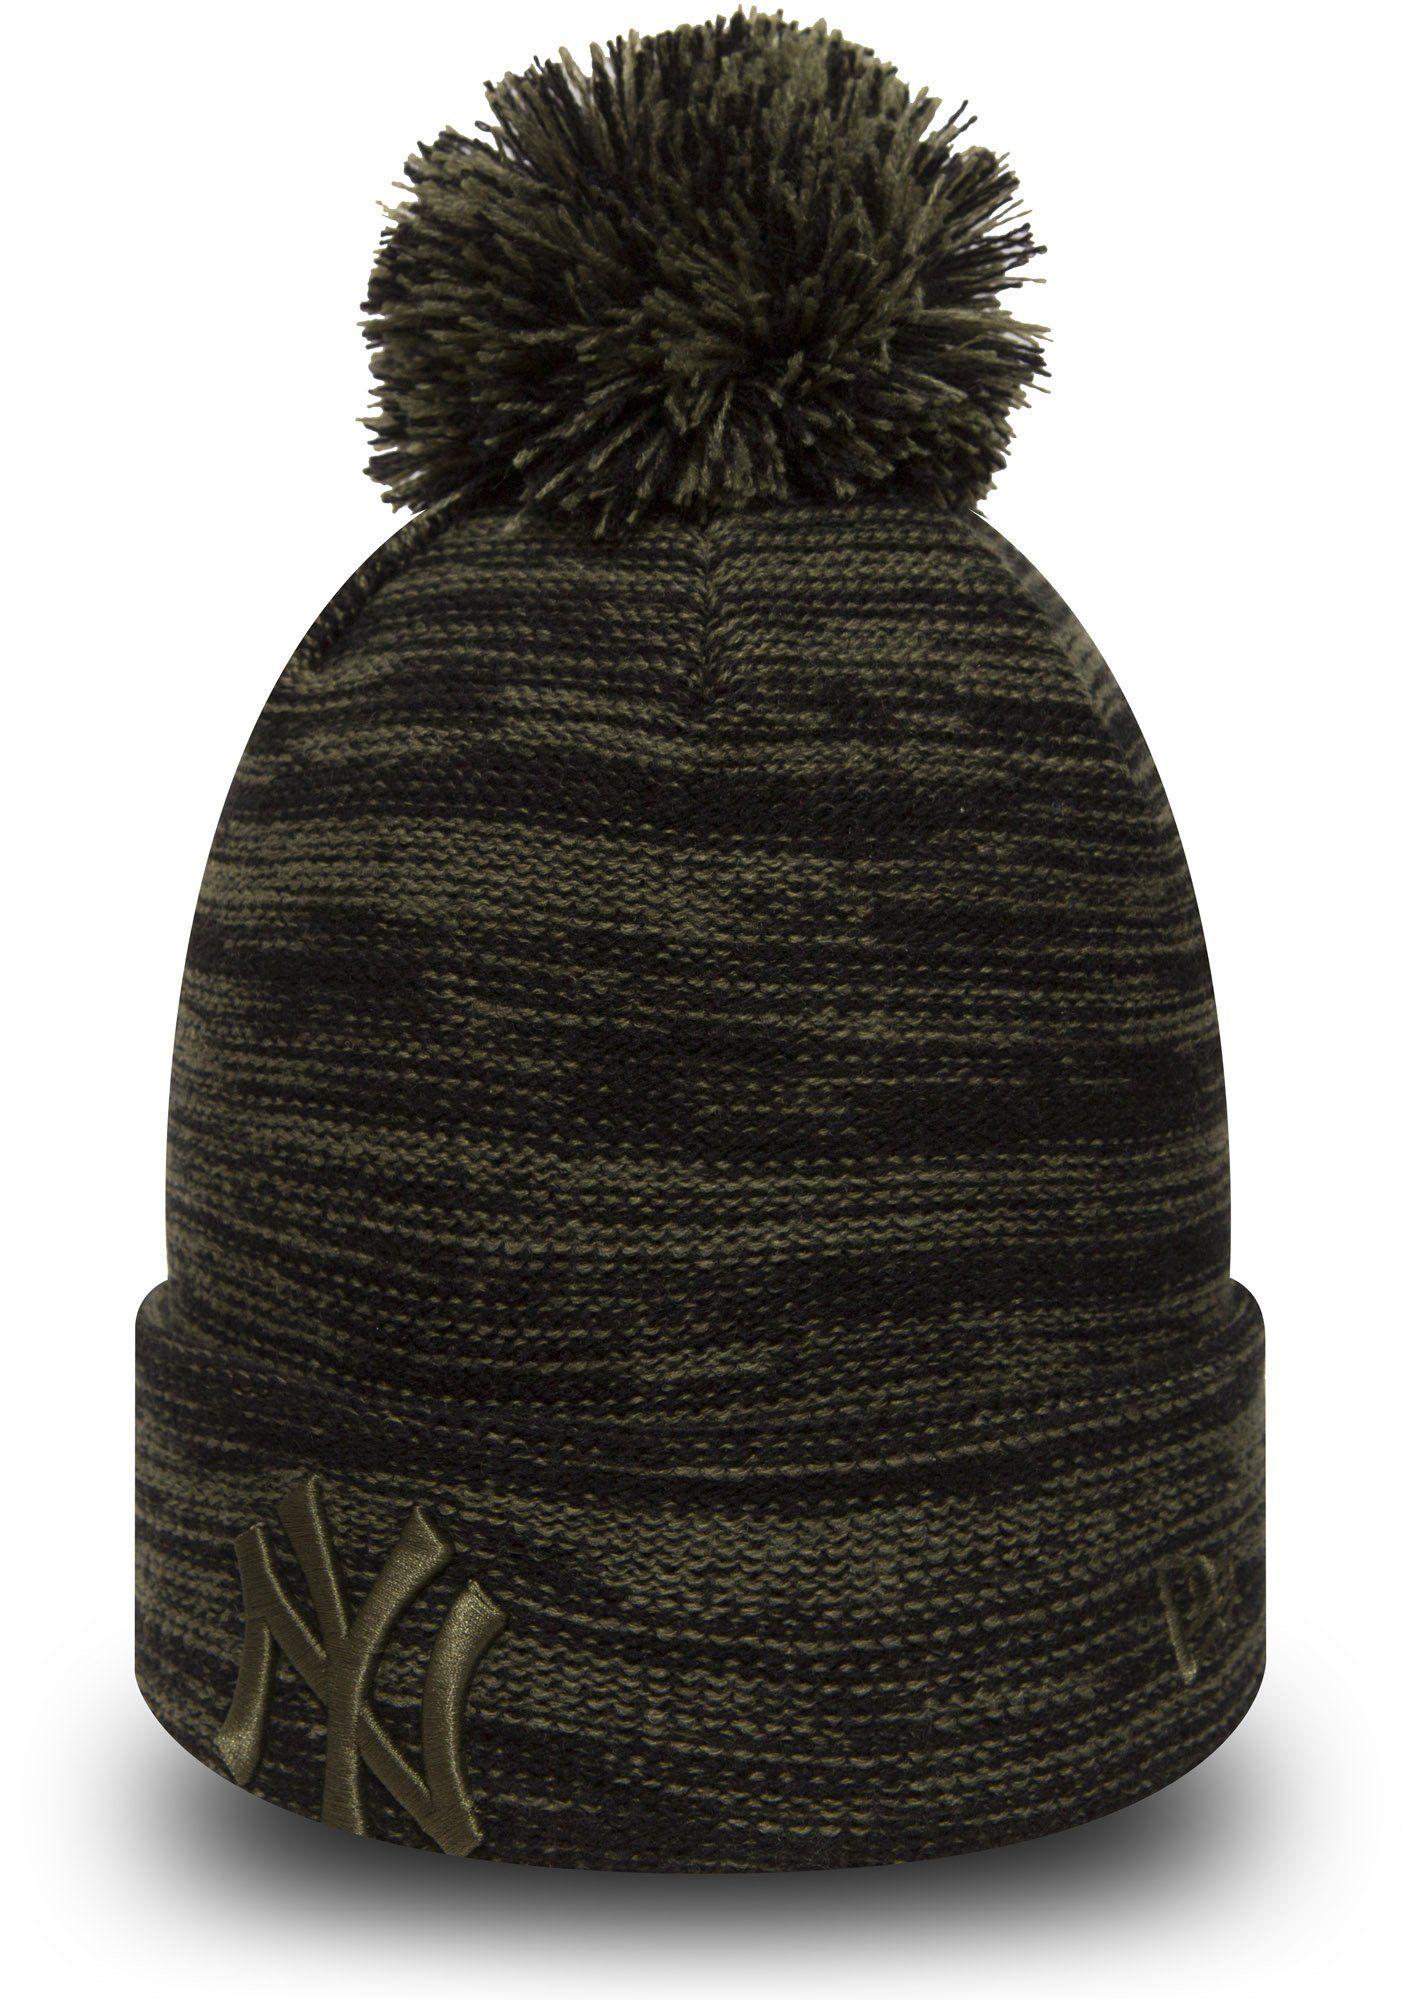 6b12e30d106 NY Yankees New Era Marl Knit Bobble Hat – lovemycap